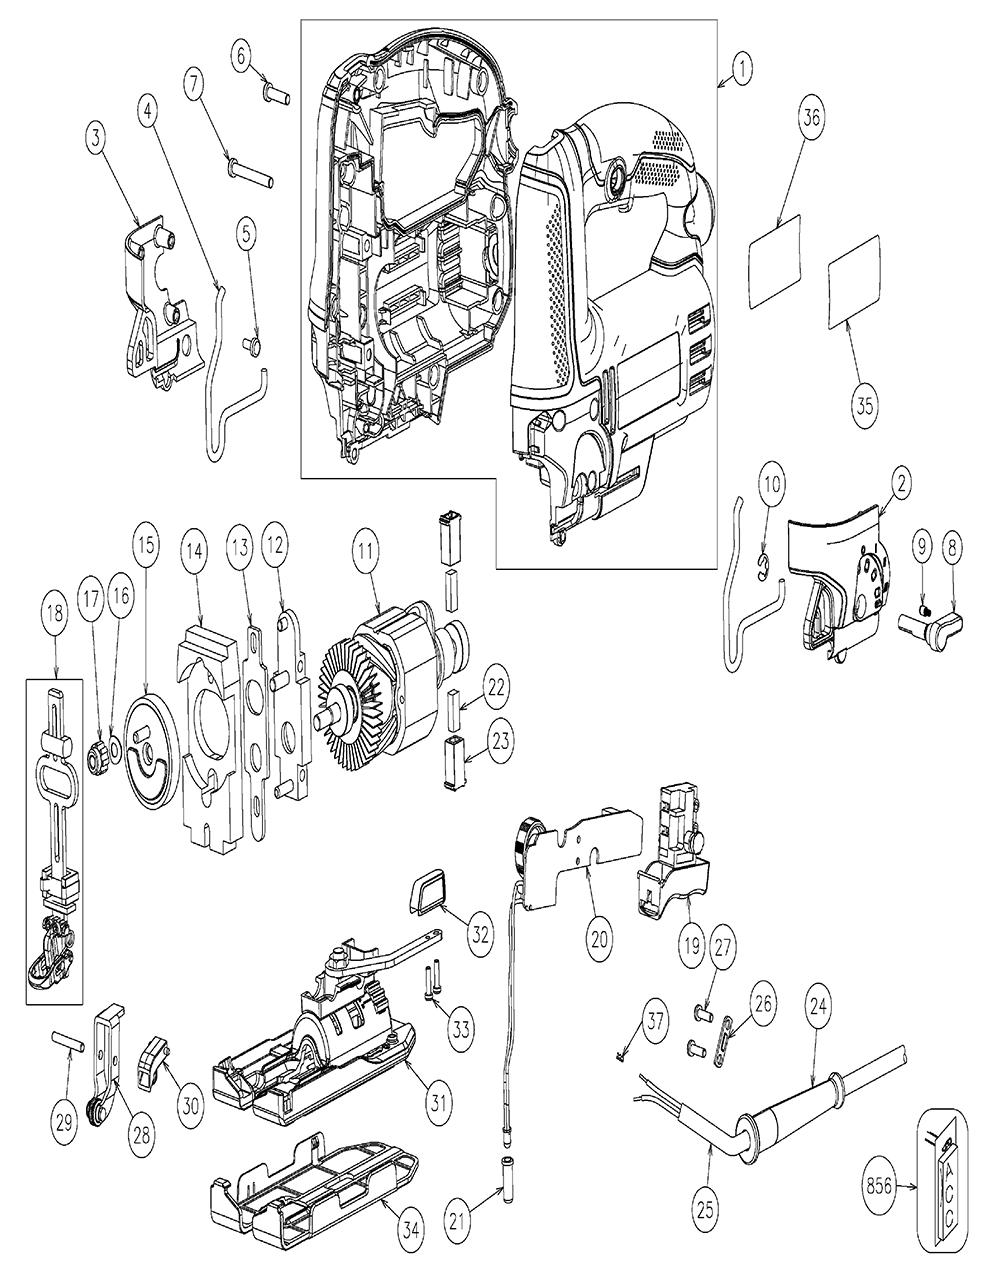 Craftsman Miter Saw Wiring Diagram Craftsman Finish Saw